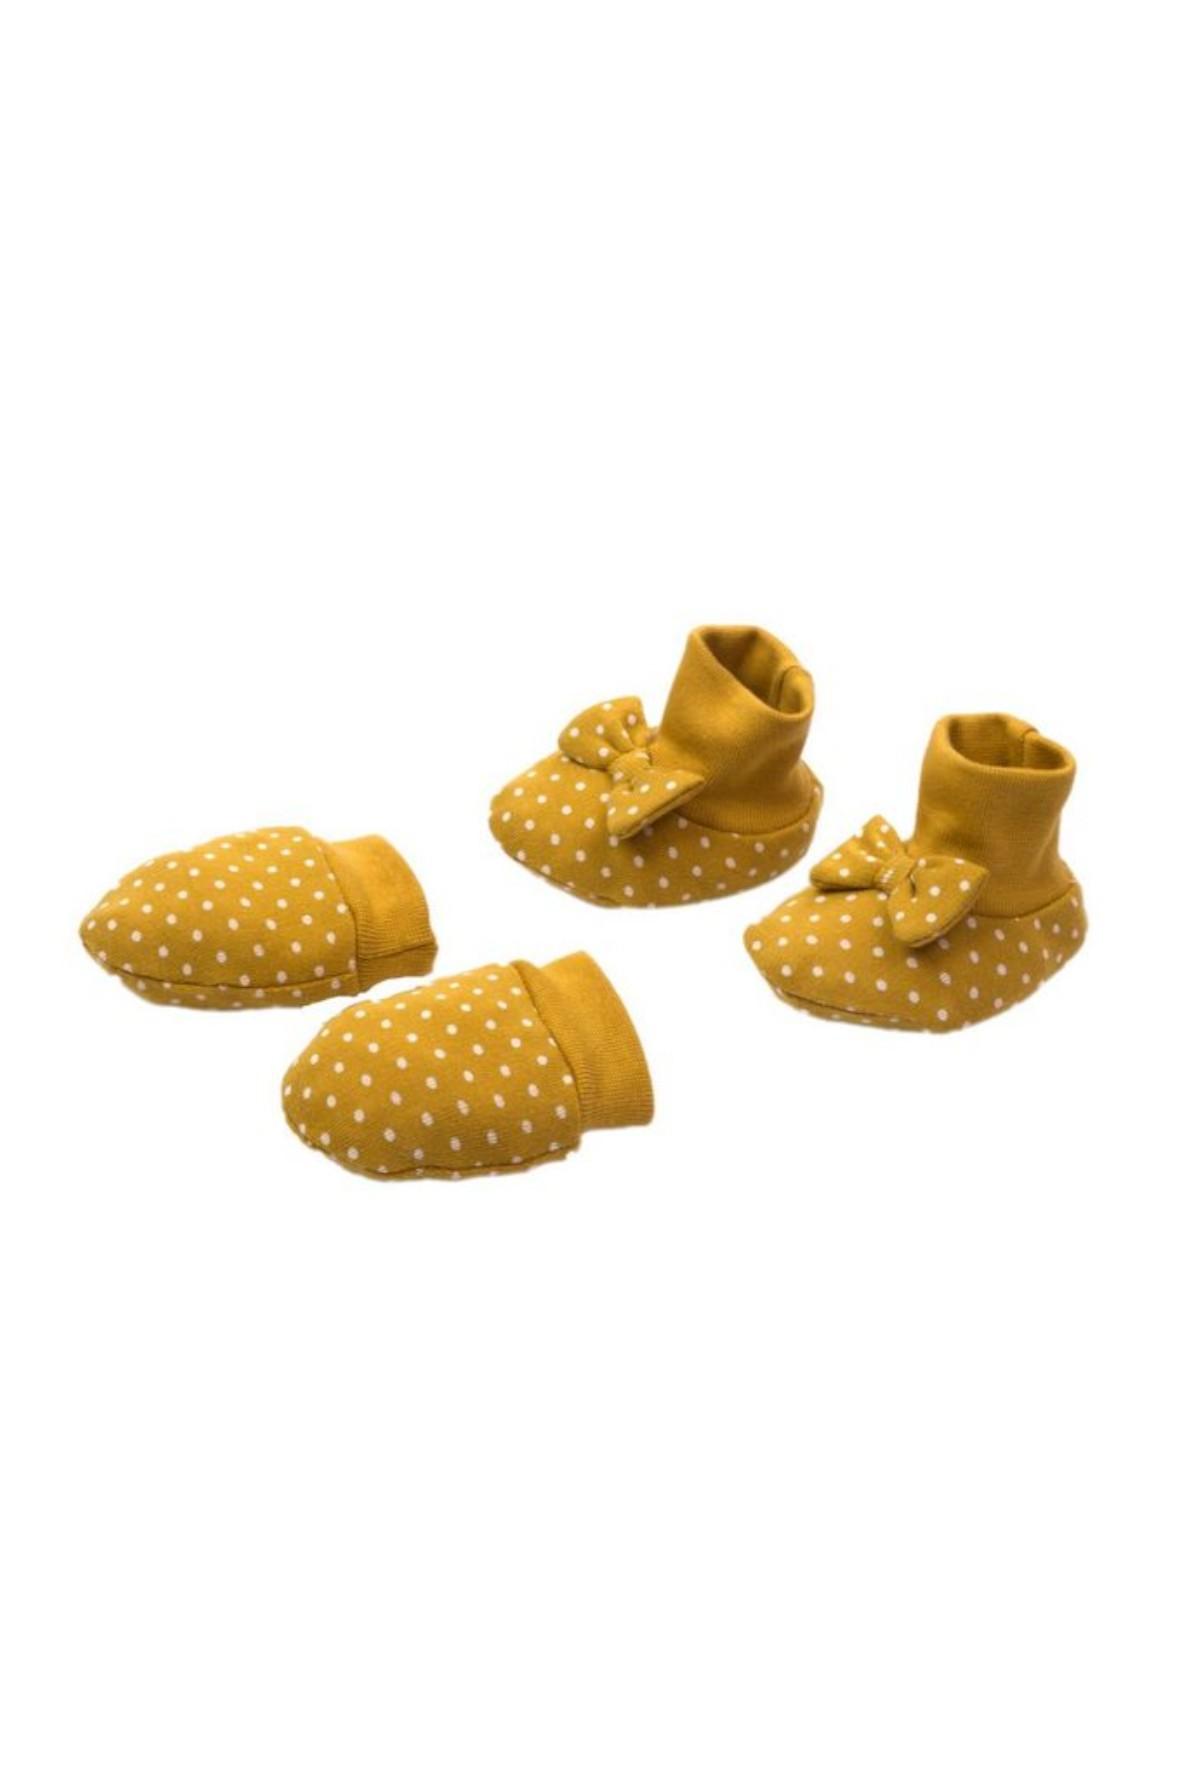 Komplet rękawiczek i bucików w musztardowym kolorze